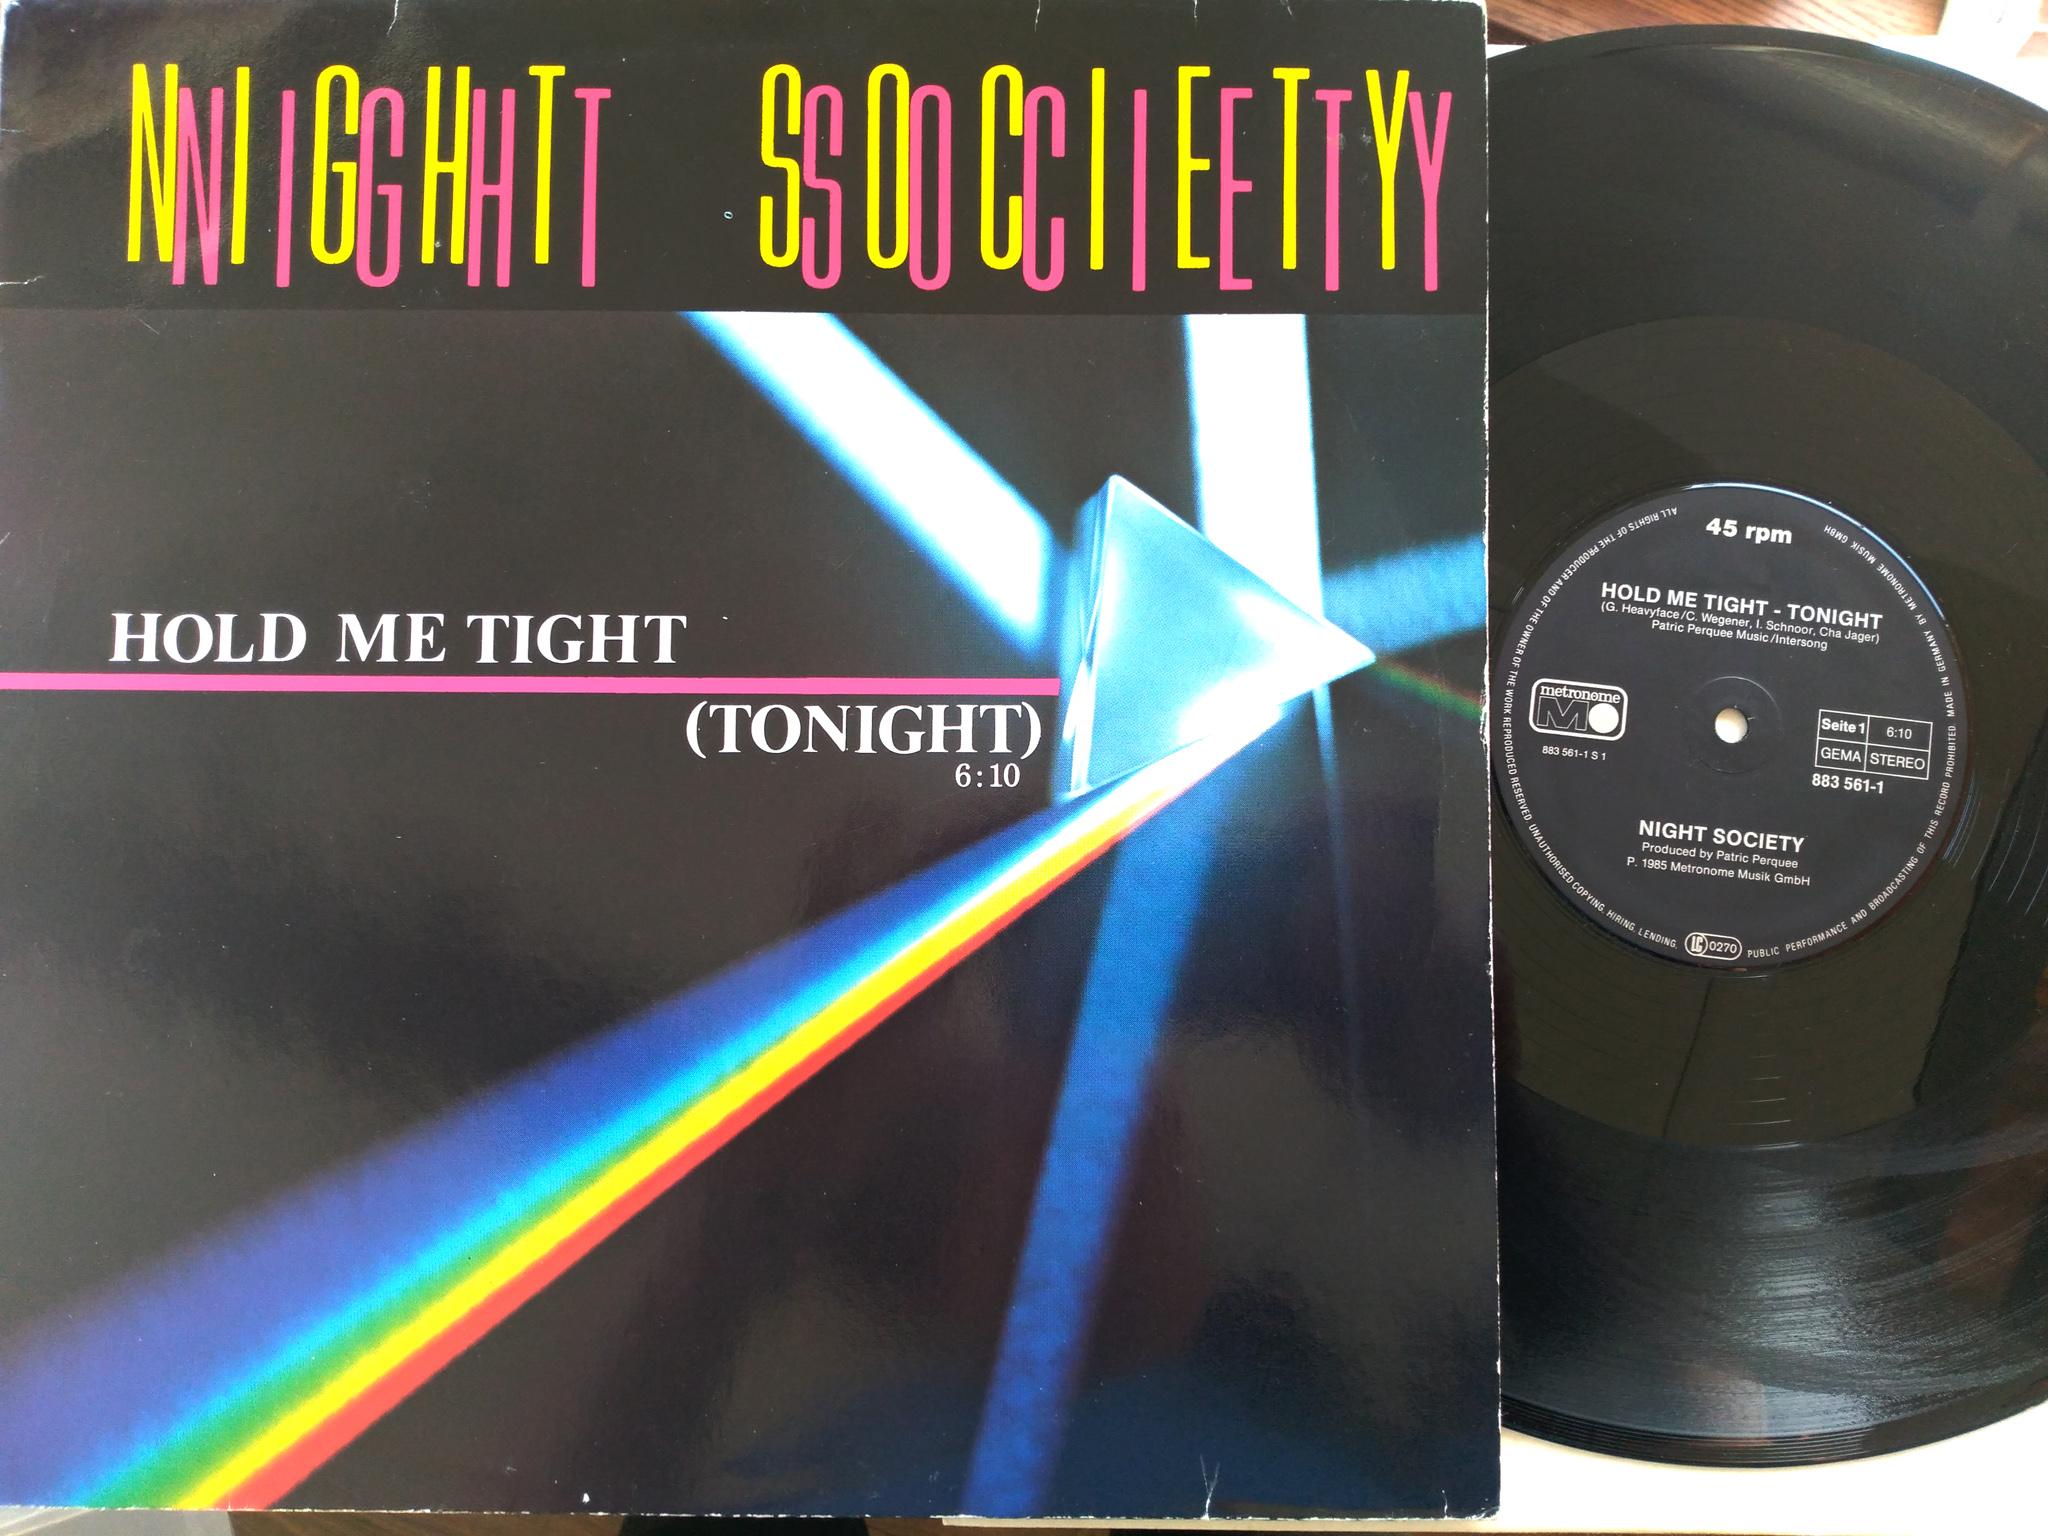 Night Society - Hold Me Tight - Tonight